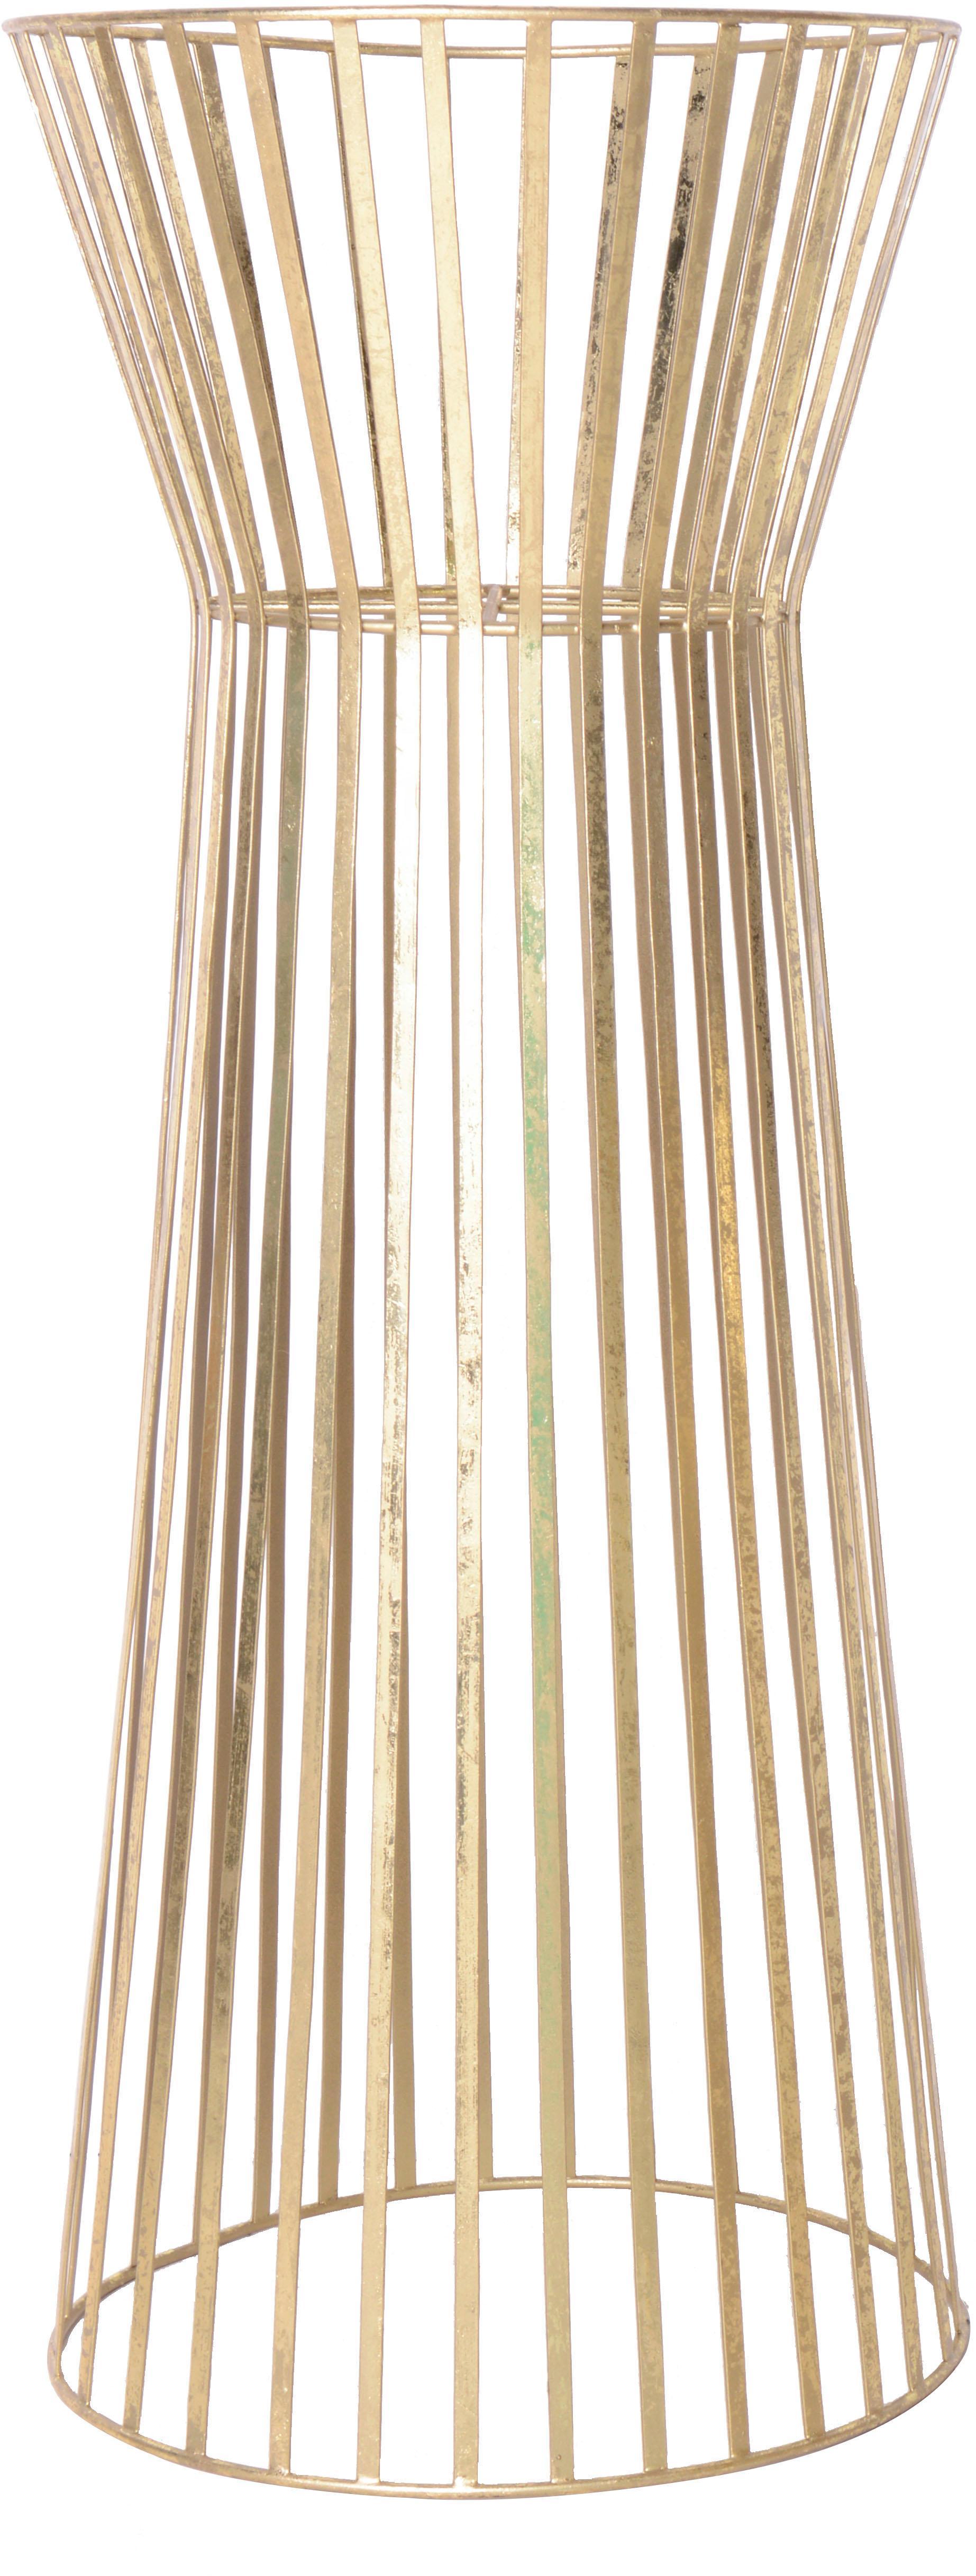 VL plantenpotstaander Gold van metaal, Gecoat metaal, Messingkleurig, Ø 34 x H 86 cm